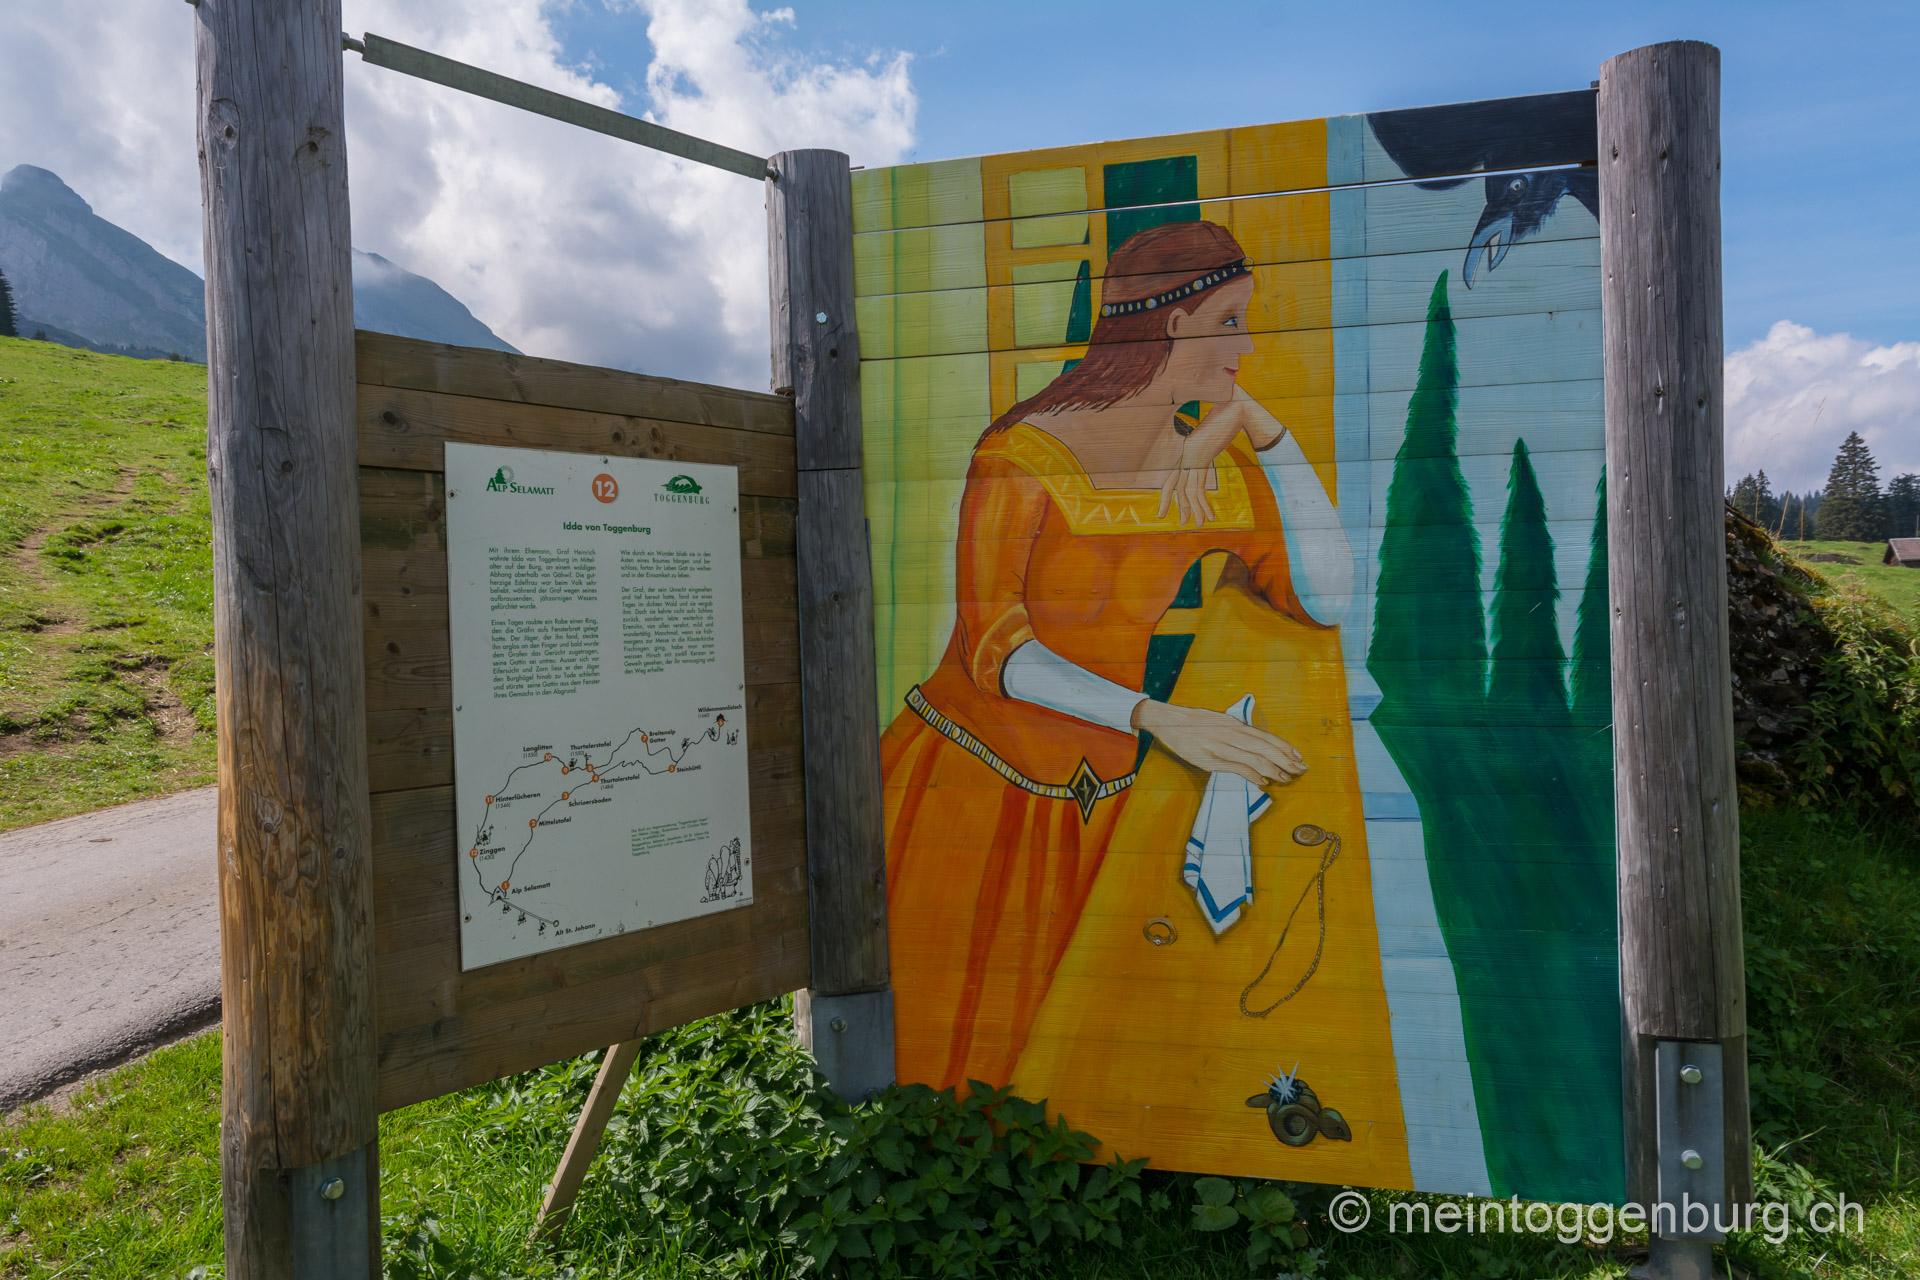 Toggenburger Sagenweg - Idda von Toggenburg